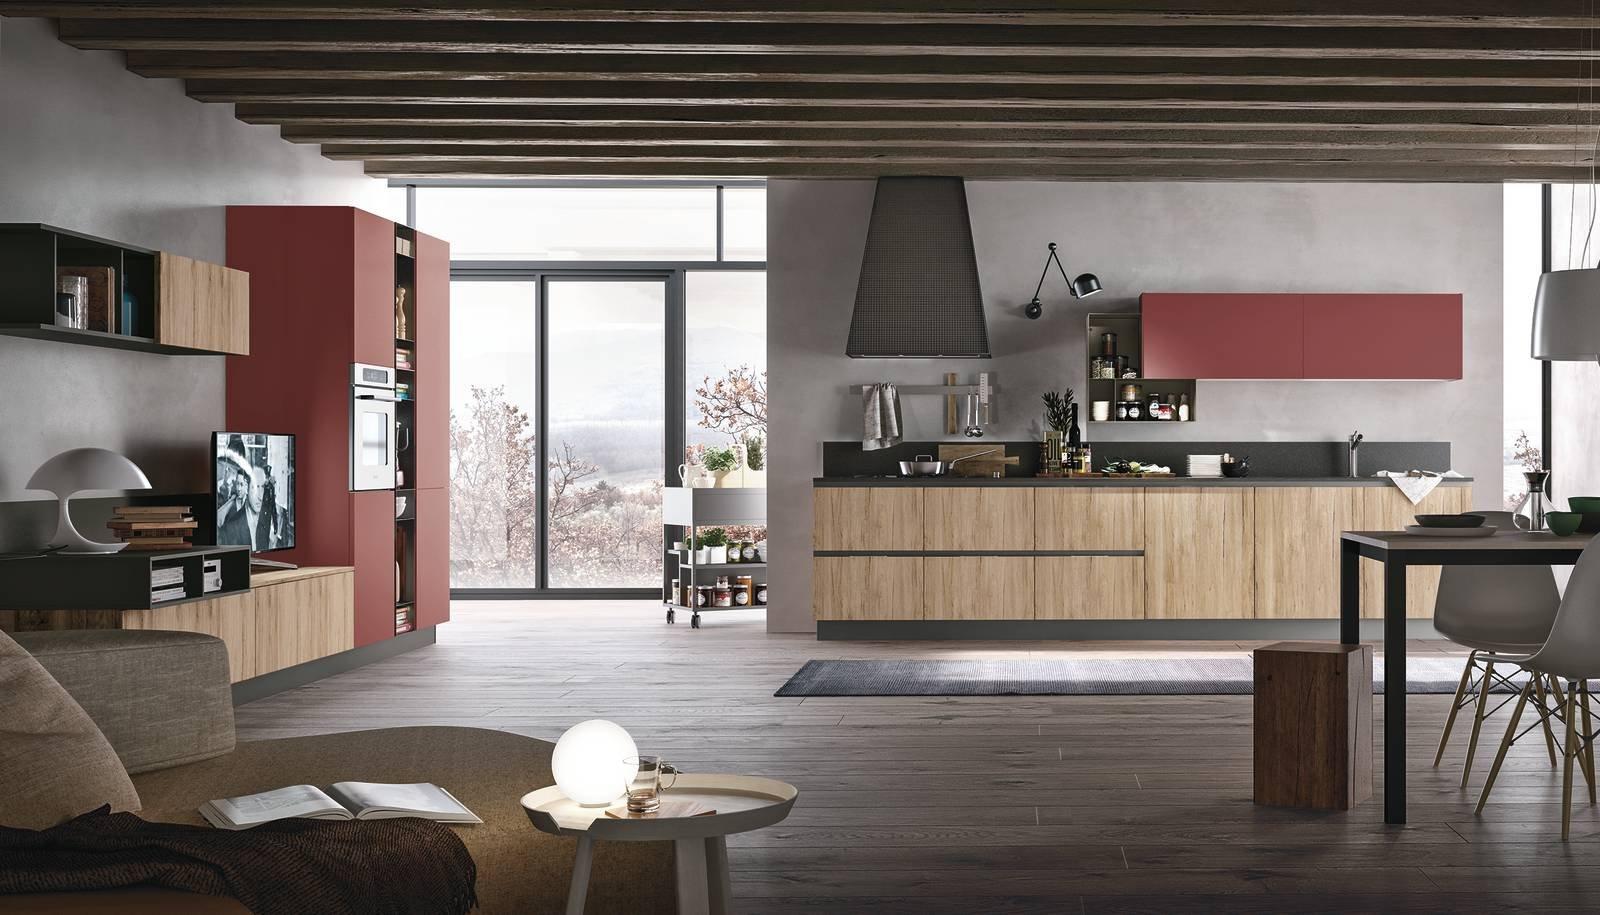 14 soluzioni coordinate di cucina soggiorno colore torino - Soluzioni no piastrelle cucina ...